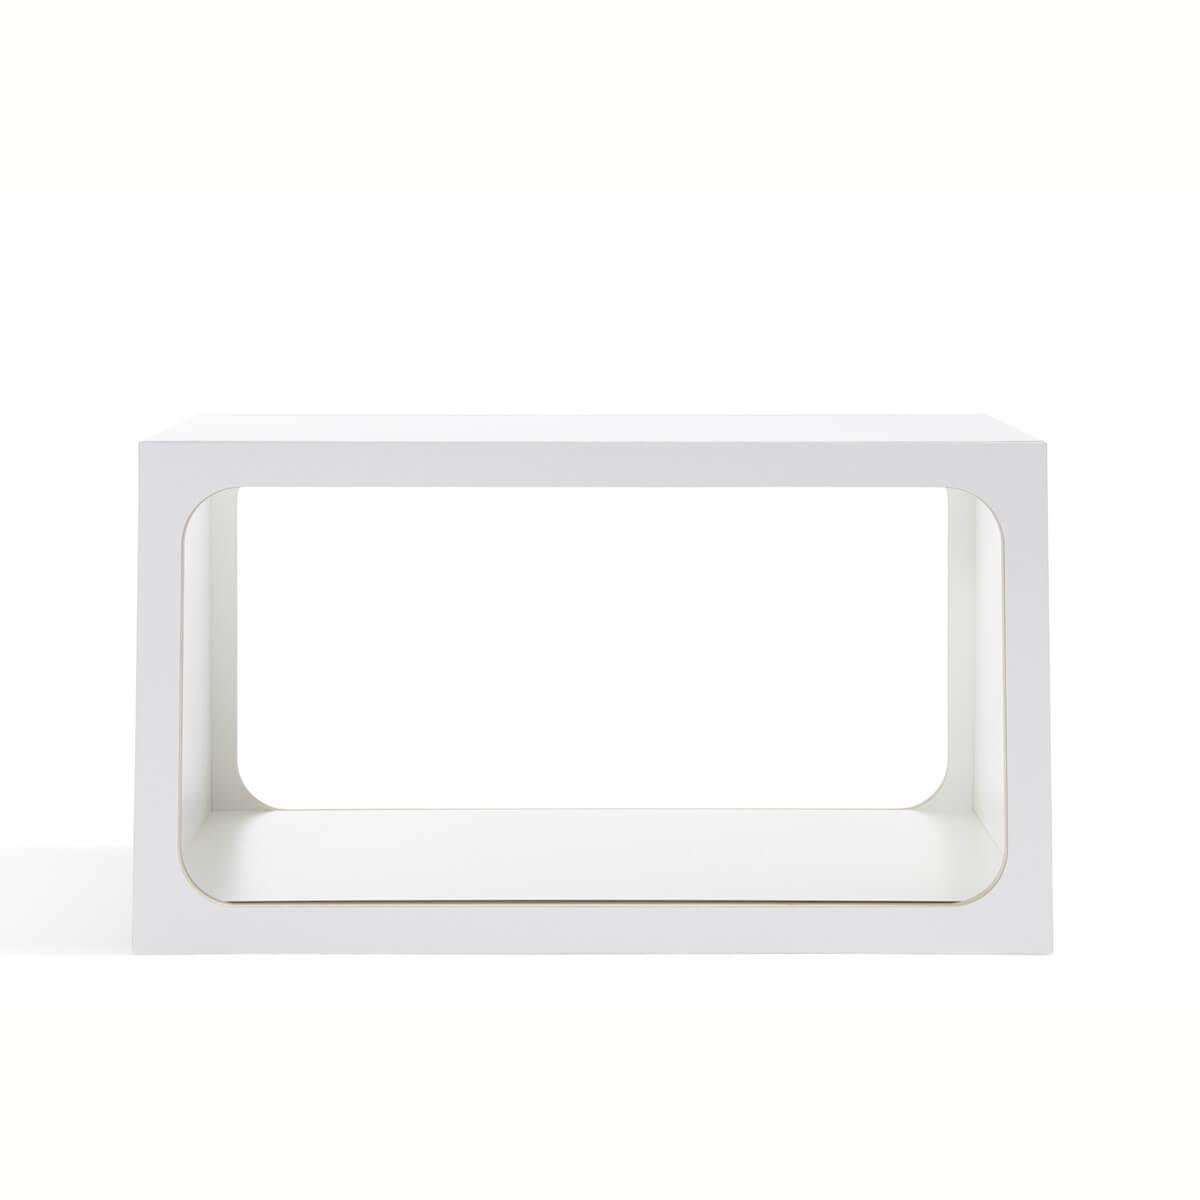 Module d'étagères BOXIT Mueller blanc - bord en bouleau